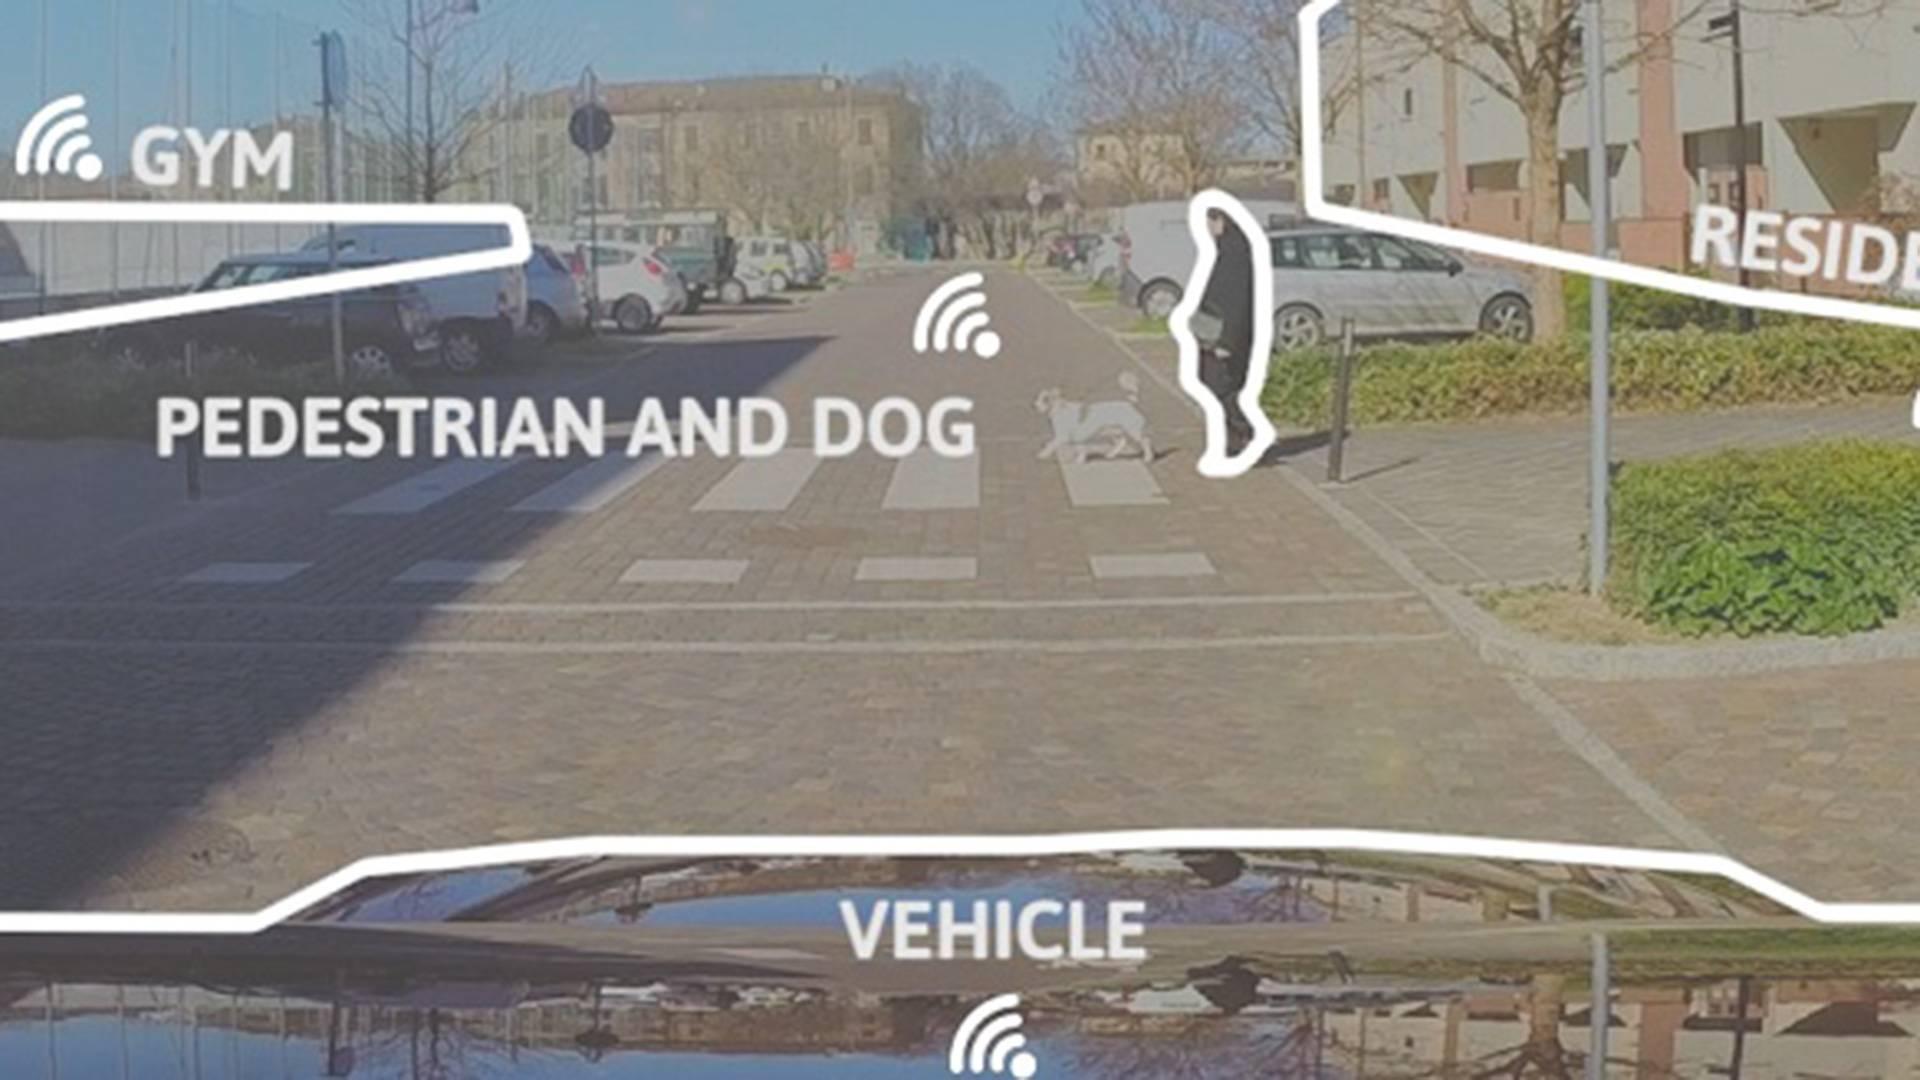 Circuito Modena : Lautodromo di modena diventa la culla della guida autonoma motor1